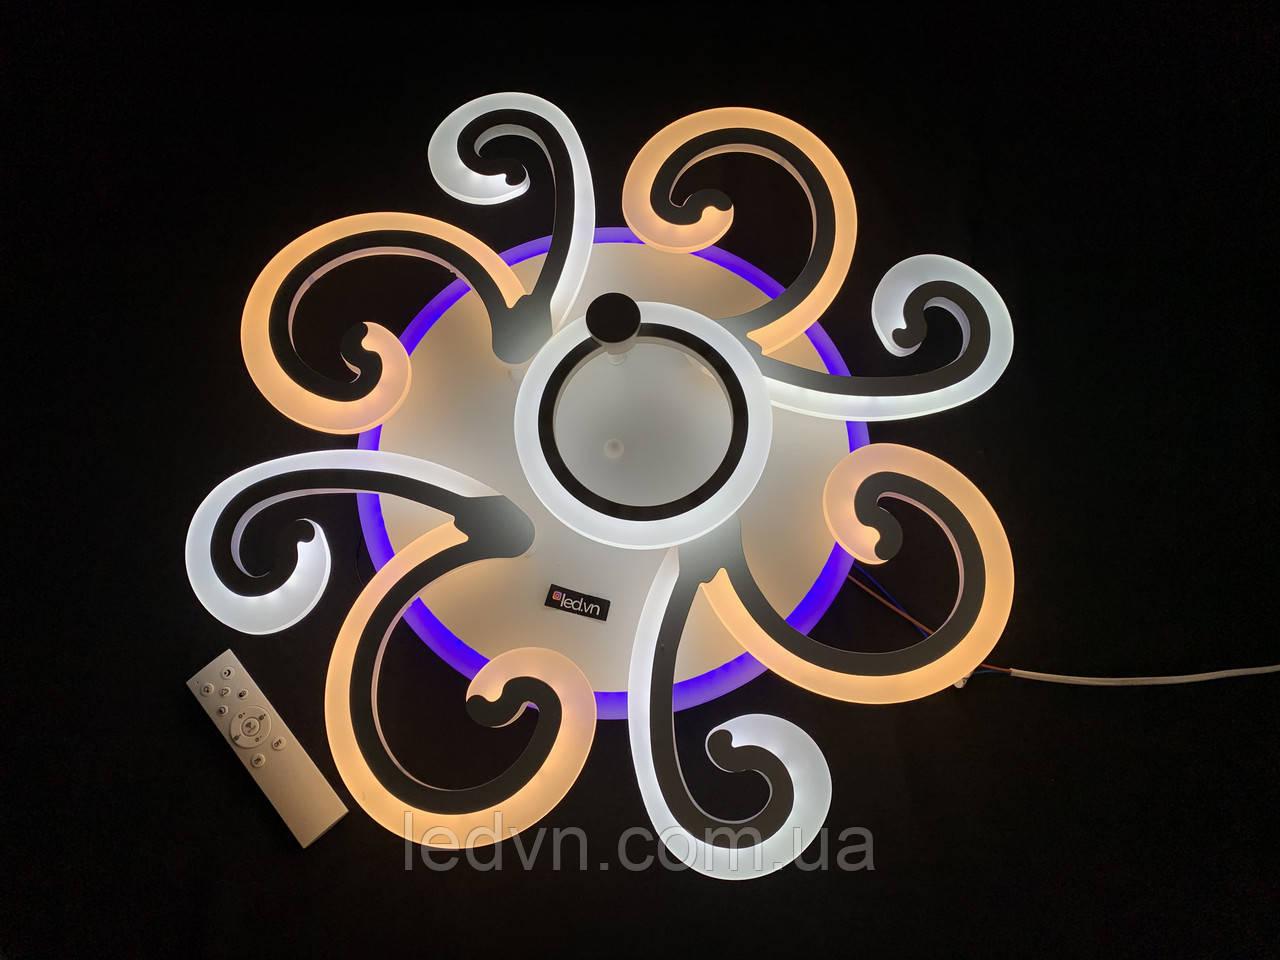 Світлодіодна люстра 4+1 з диммерним пультом біла 90 вт